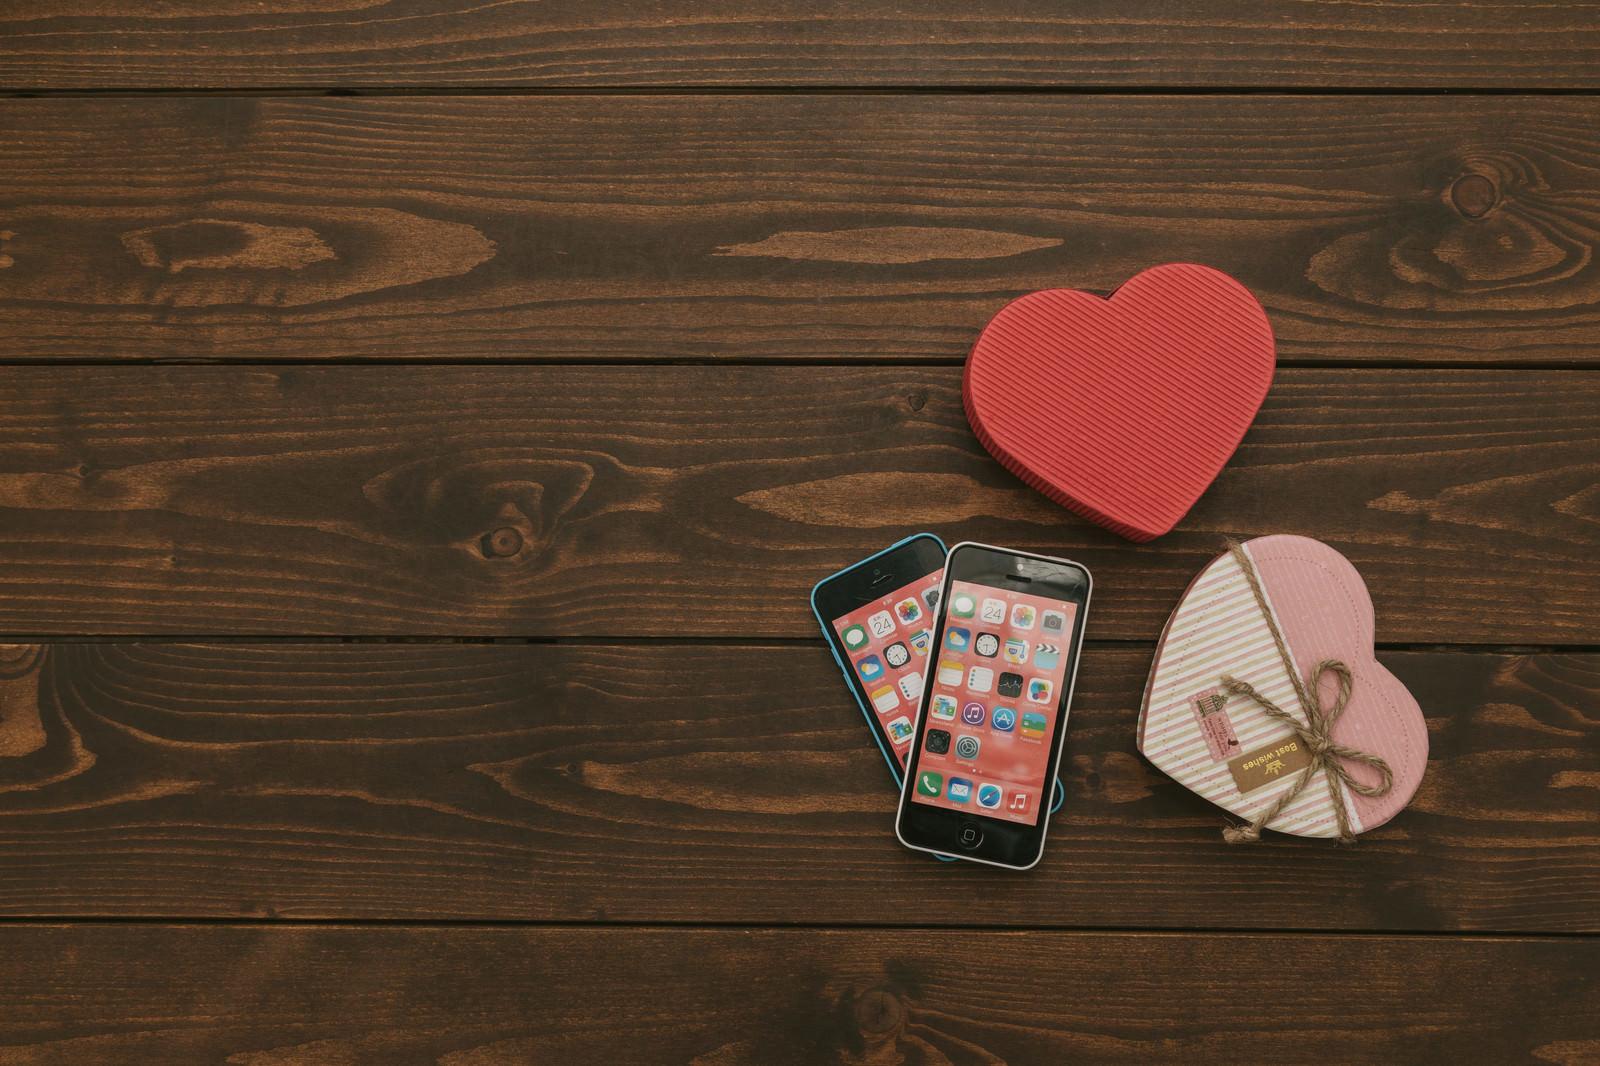 「2台のスマートフォンとハート2台のスマートフォンとハート」のフリー写真素材を拡大